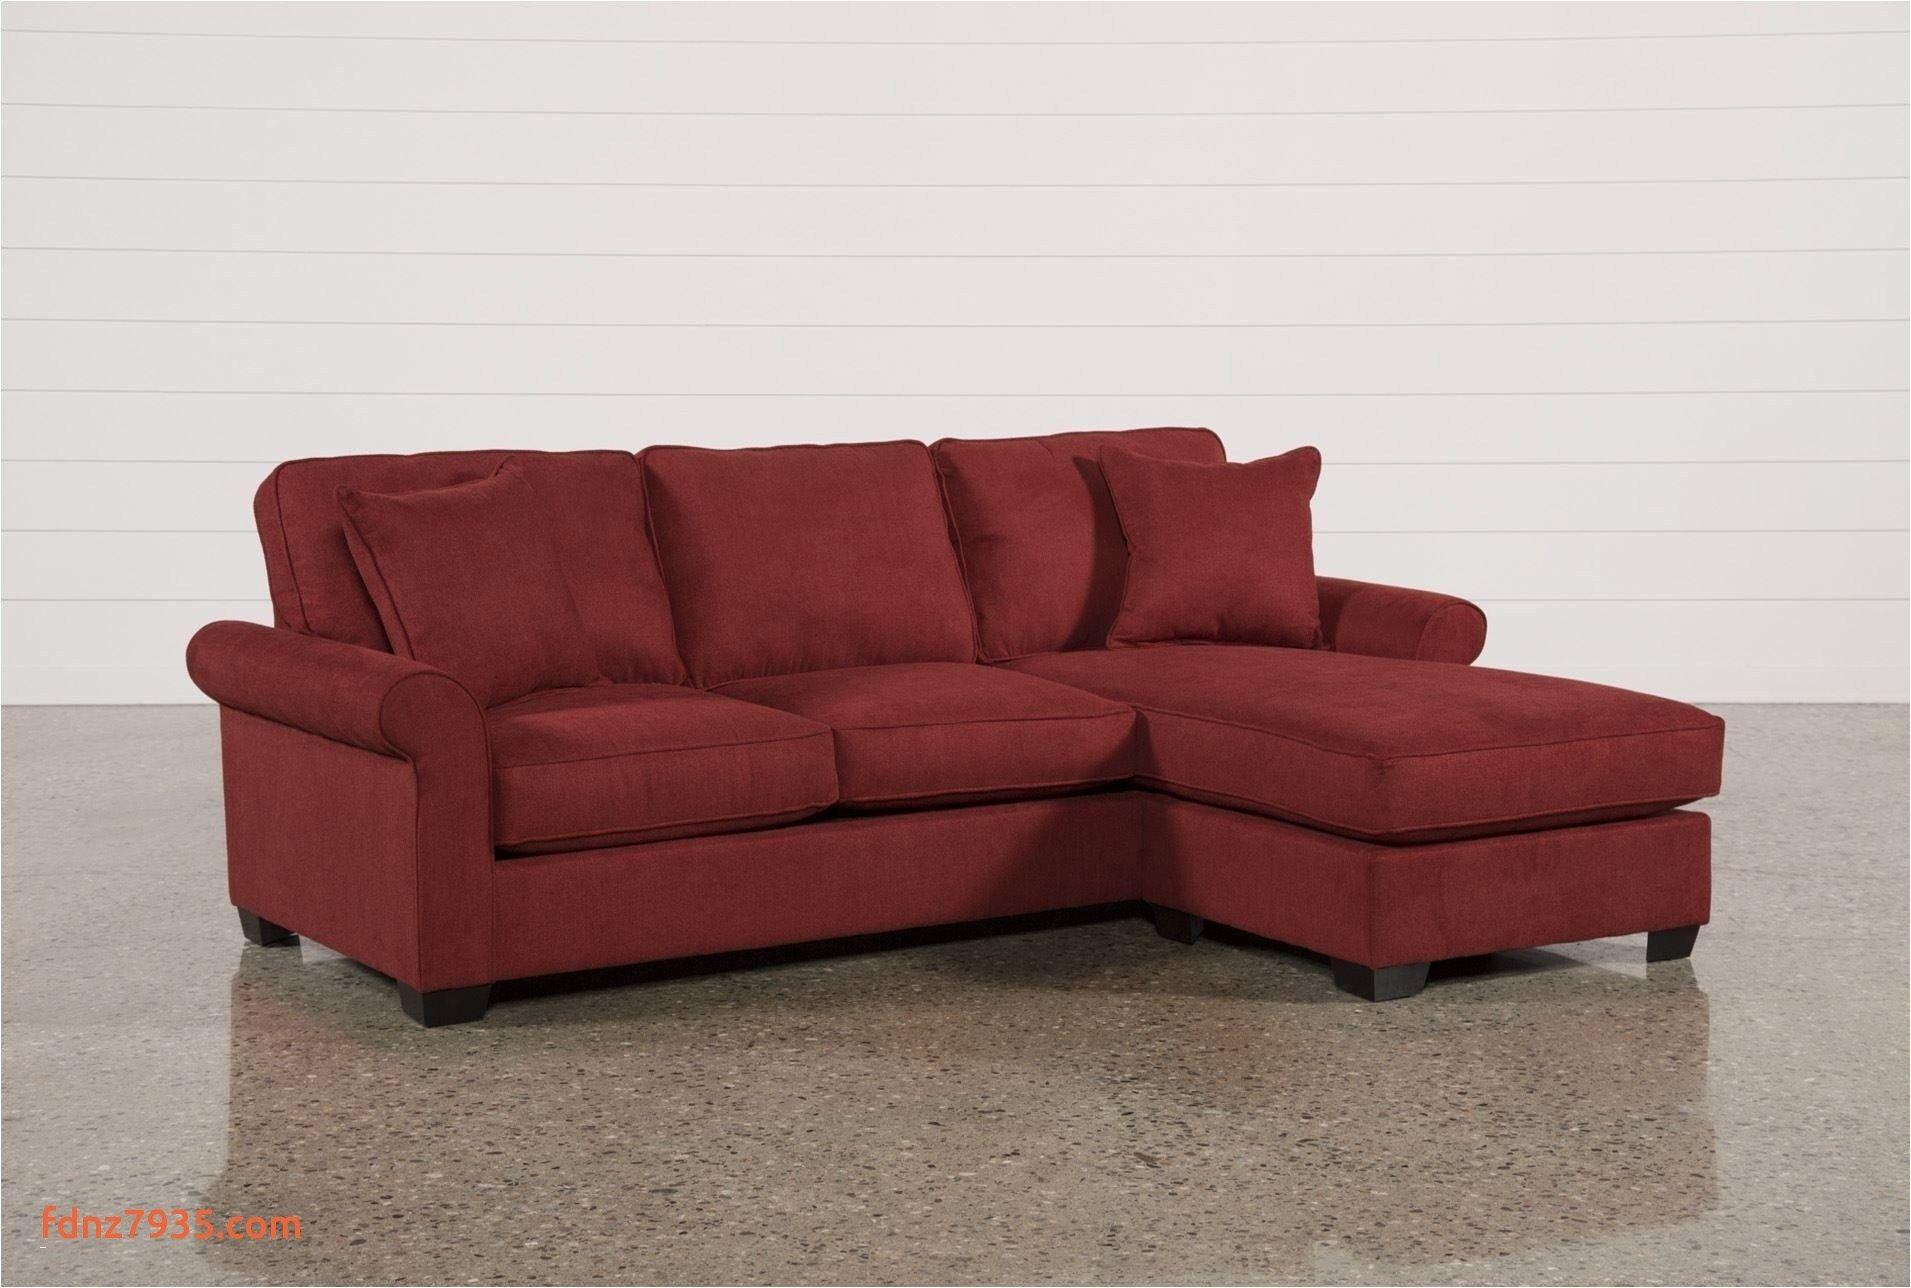 American Made Leder Sofas